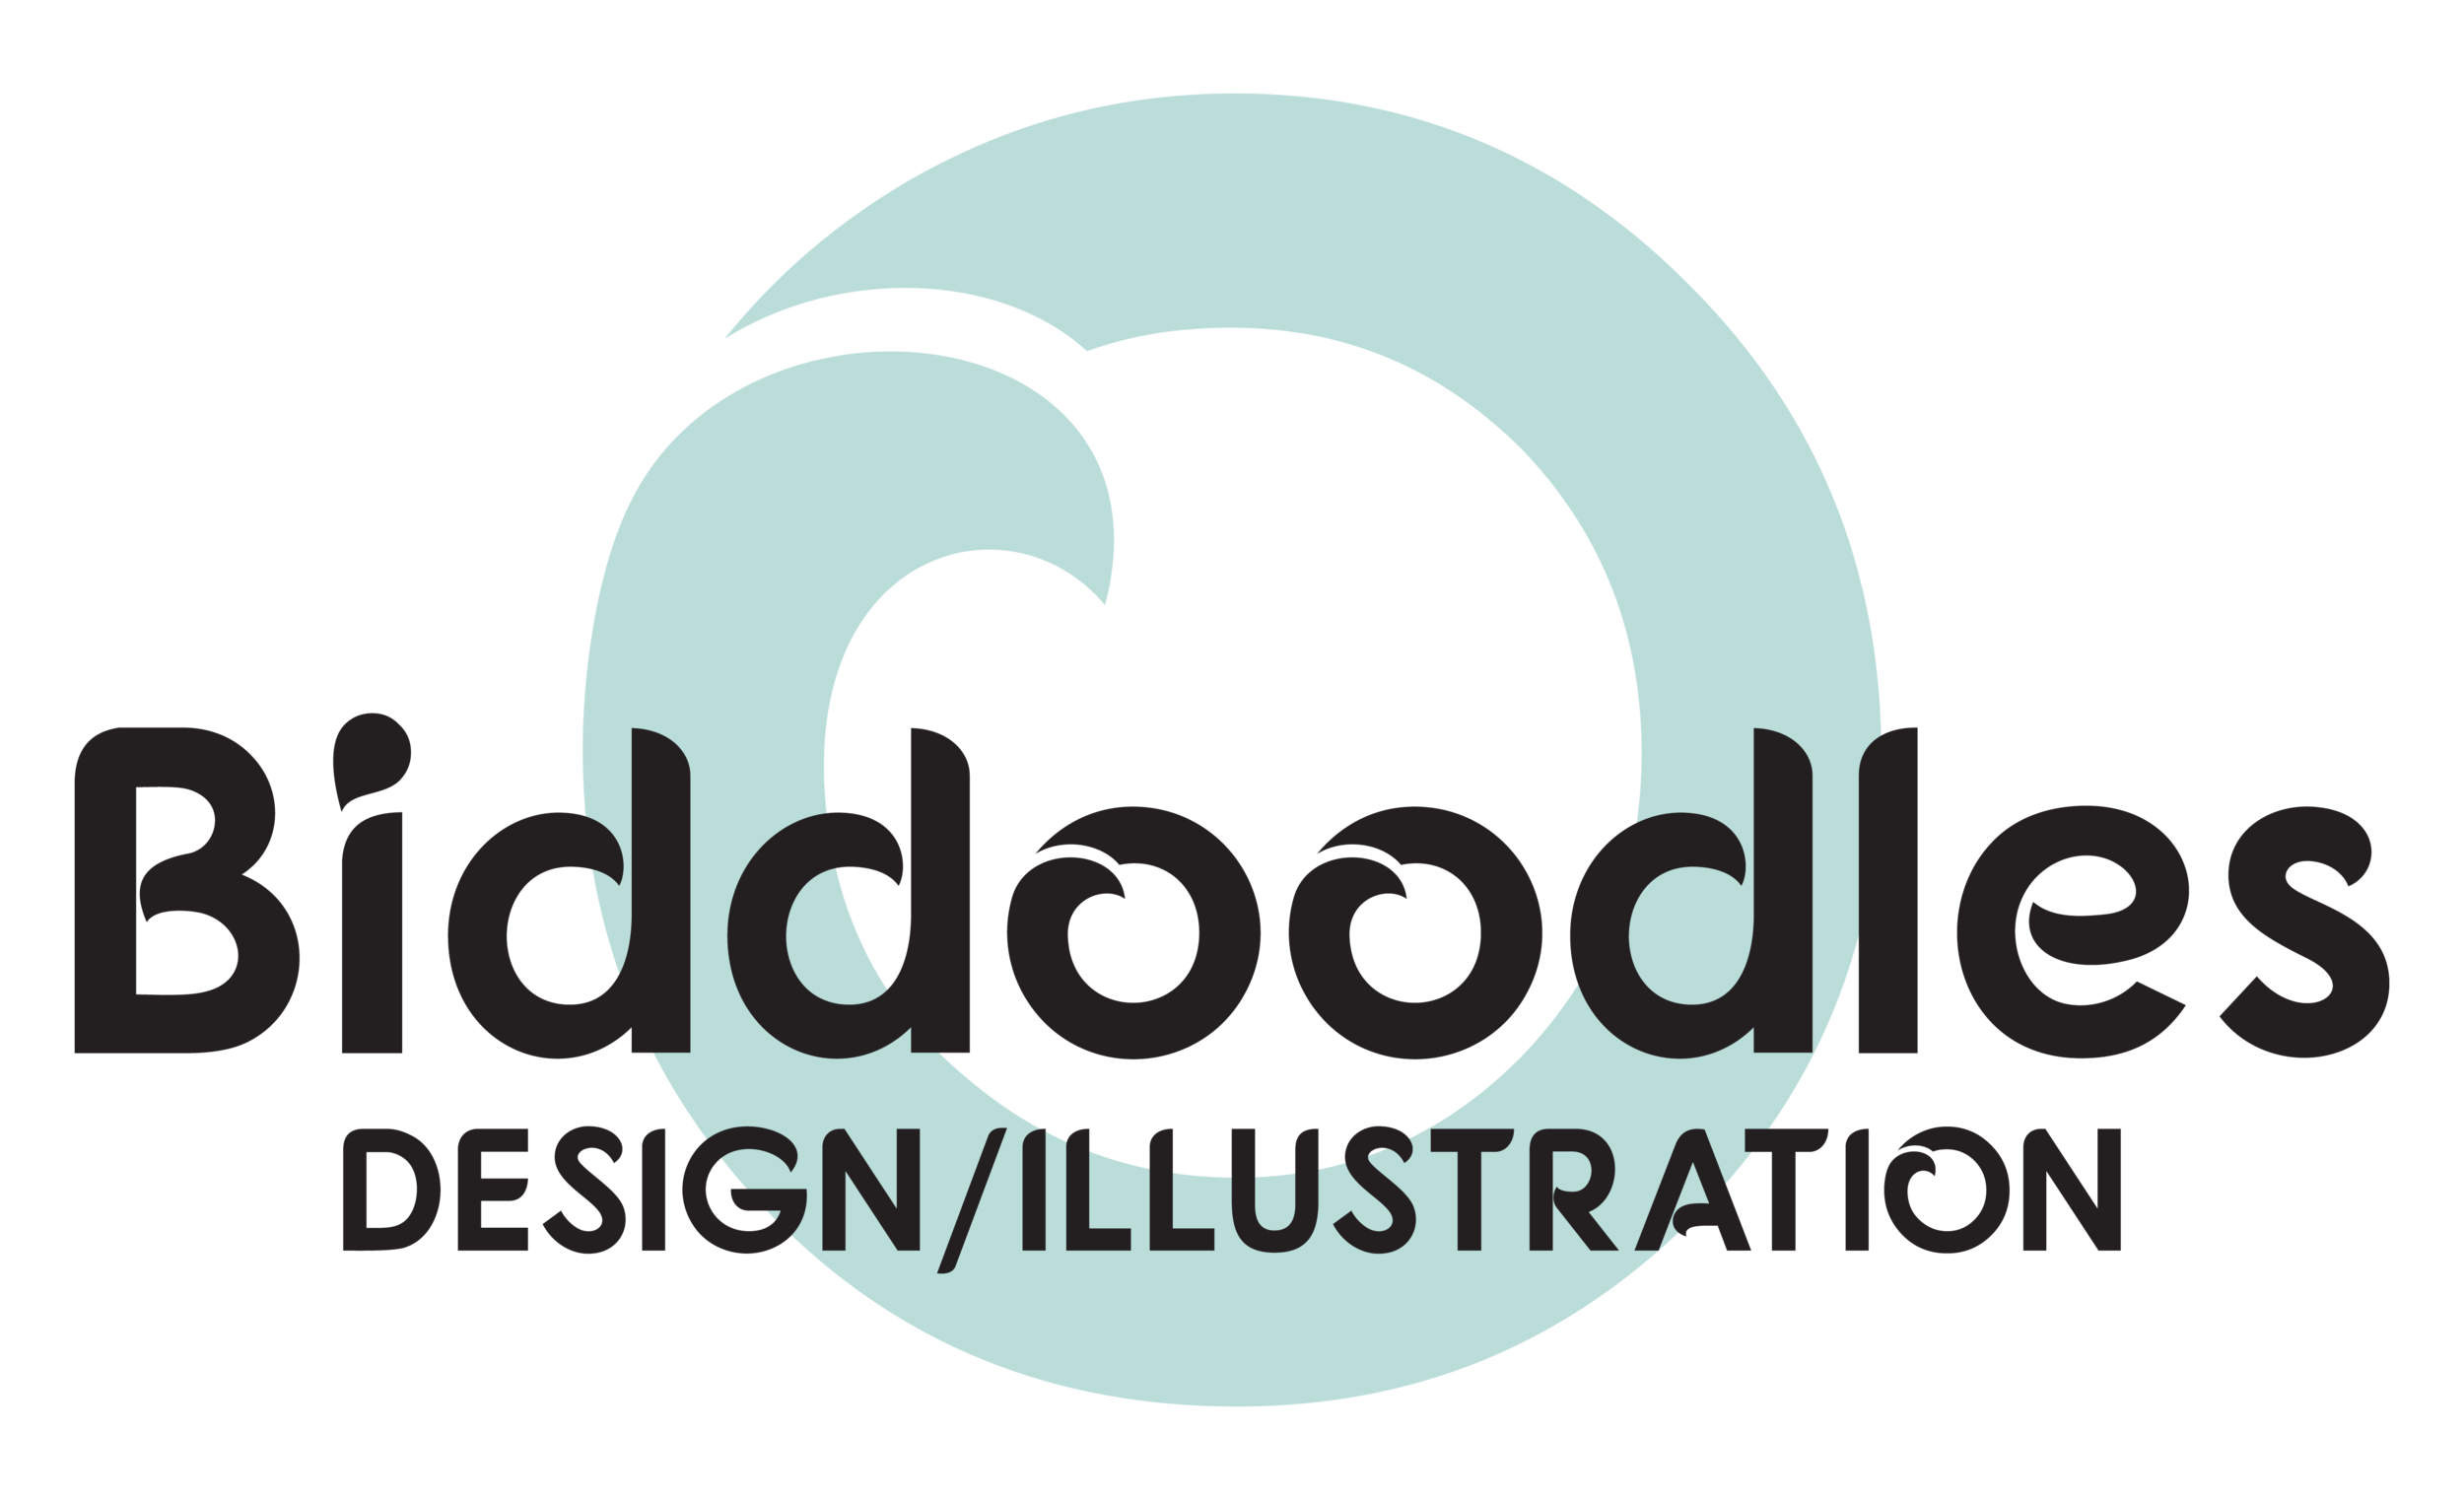 Biddoodles Logo-transparent - Biddy Seiveno.png